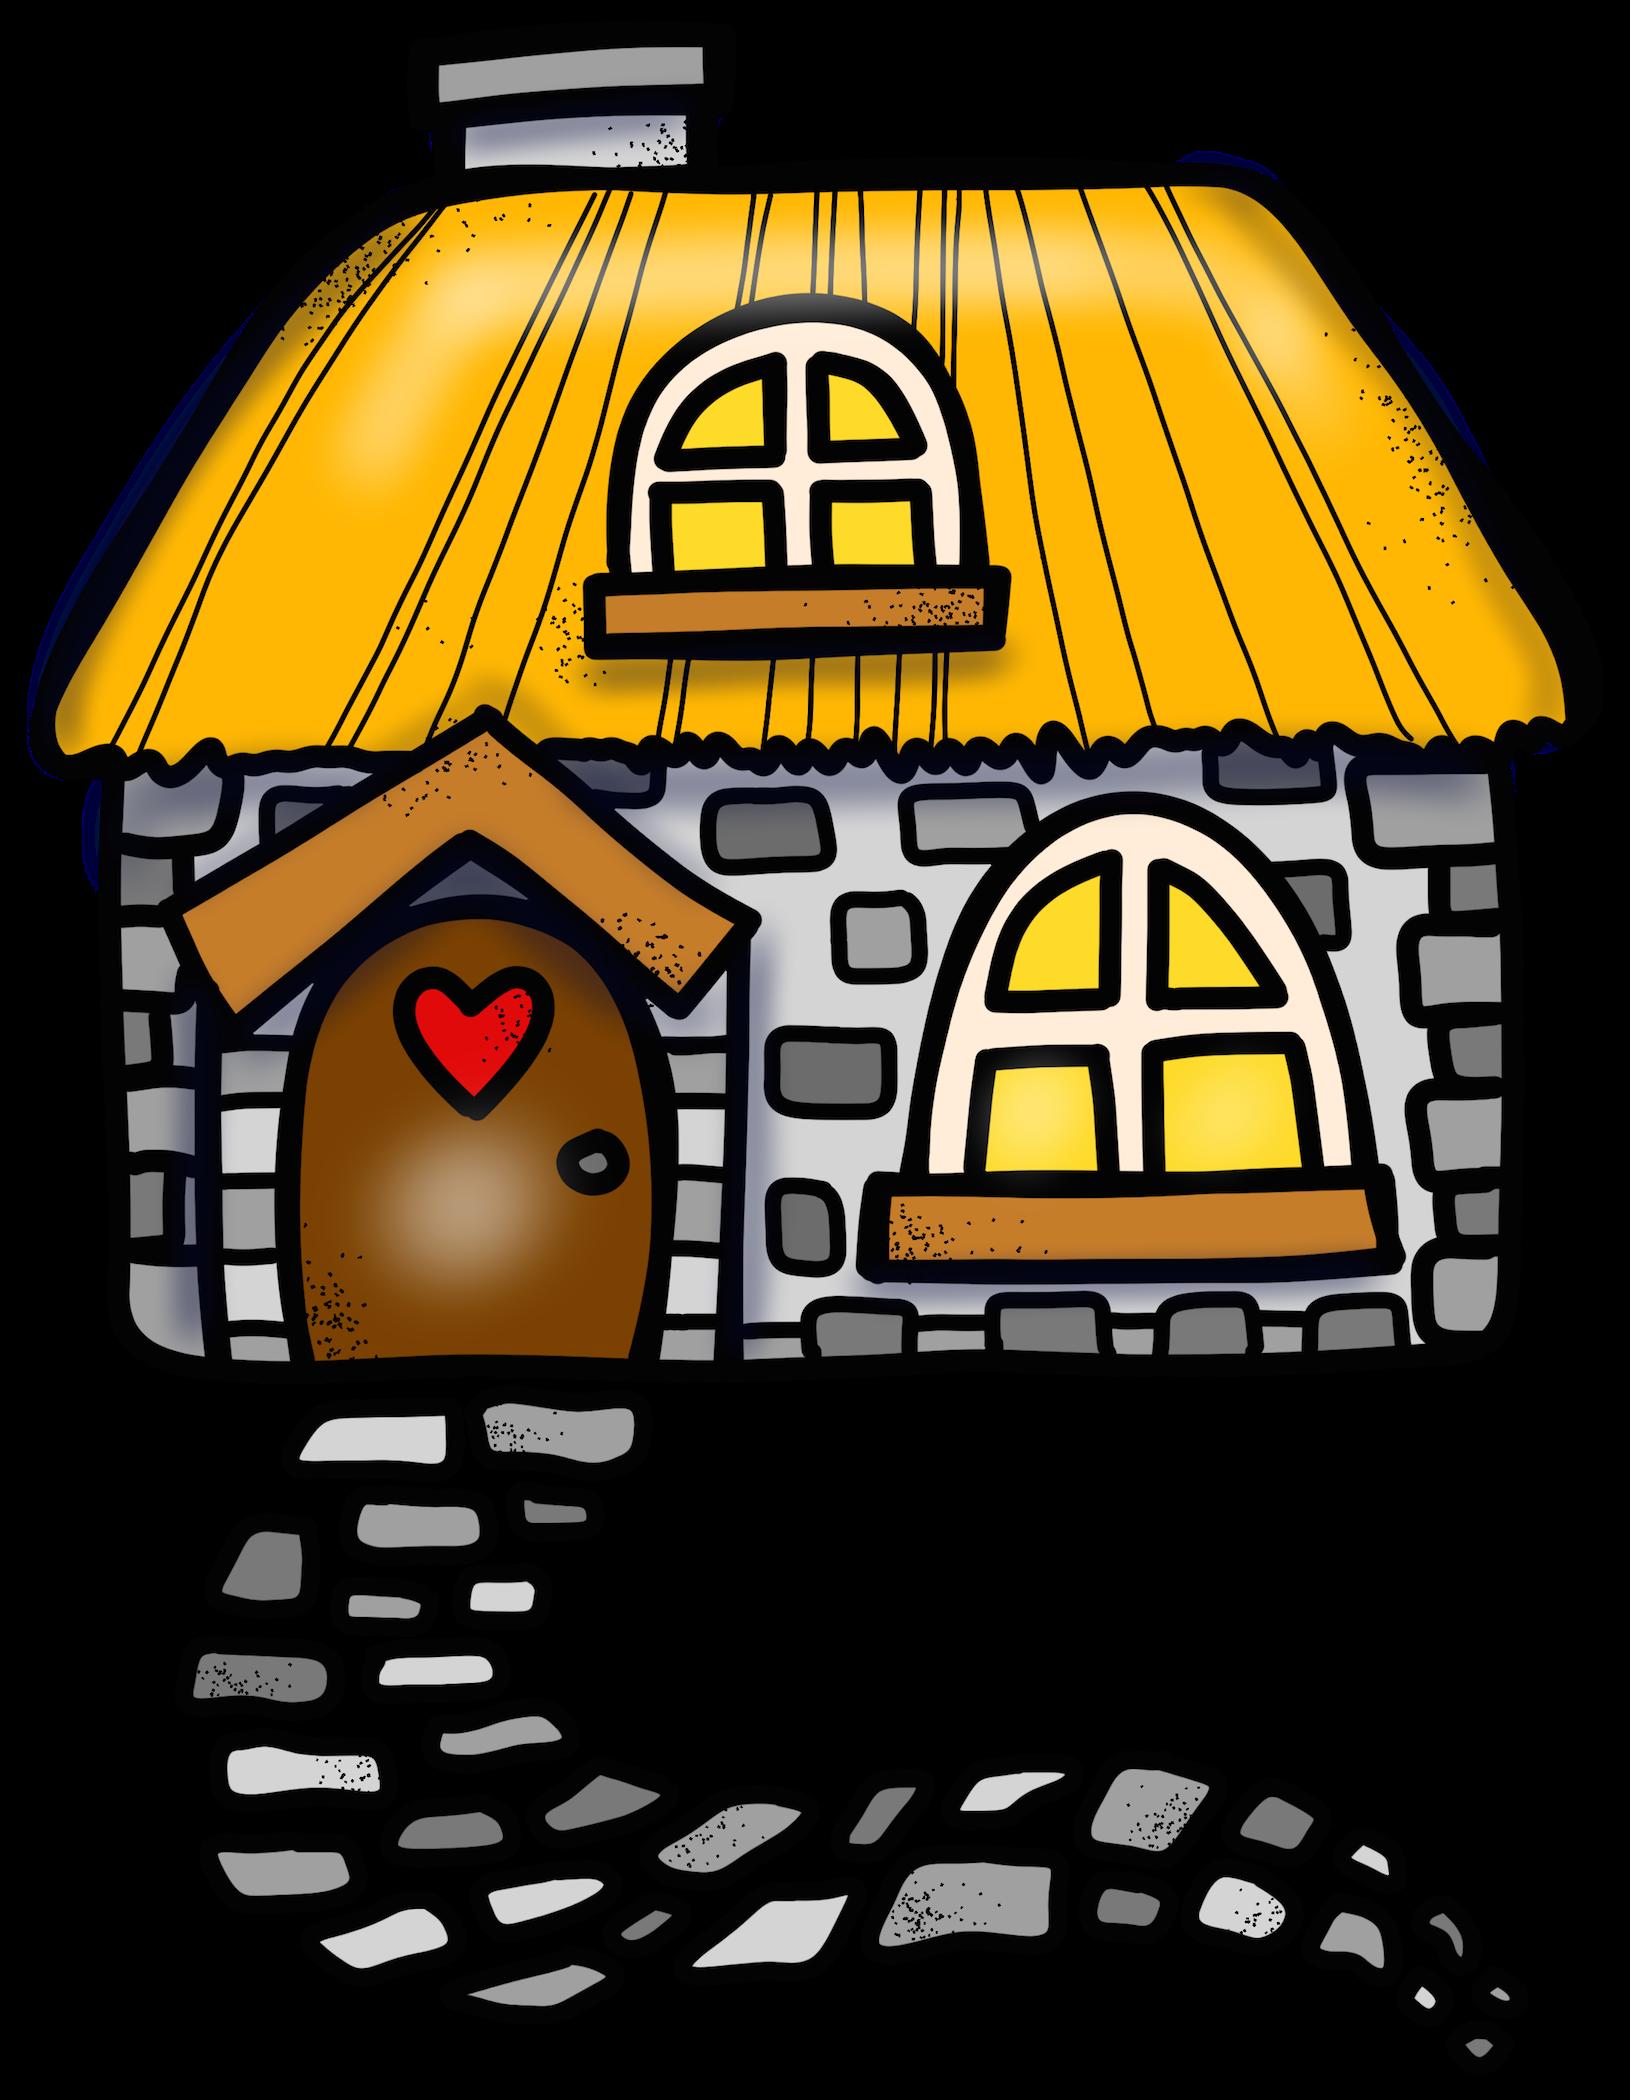 Fairy Garden House Png Imagen Png 1630 2100 Pixeles